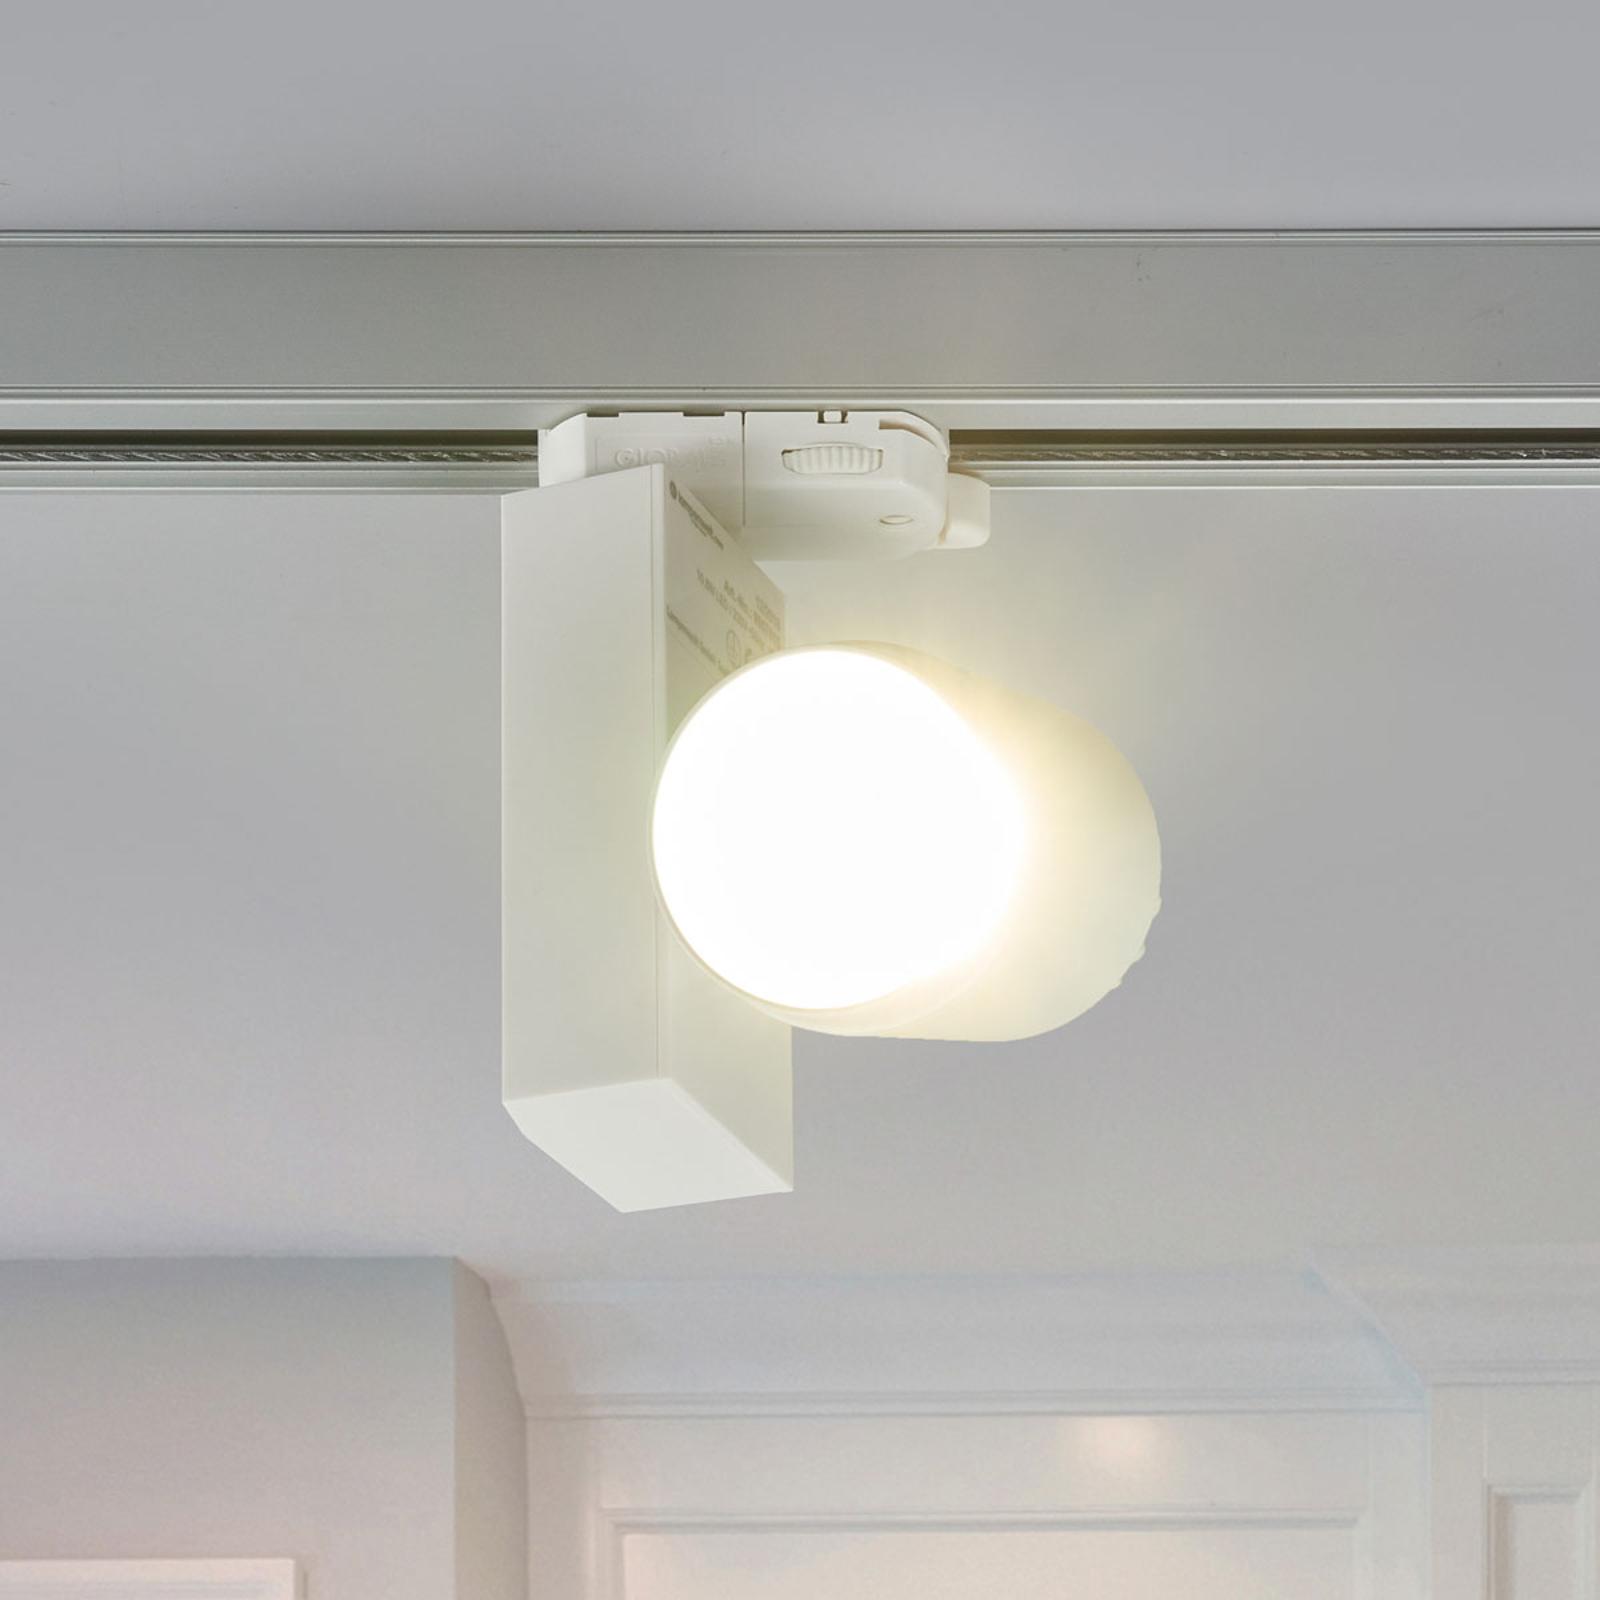 Virtakisko-LED-valaisin Niels, 3-vaihejärjestelmä